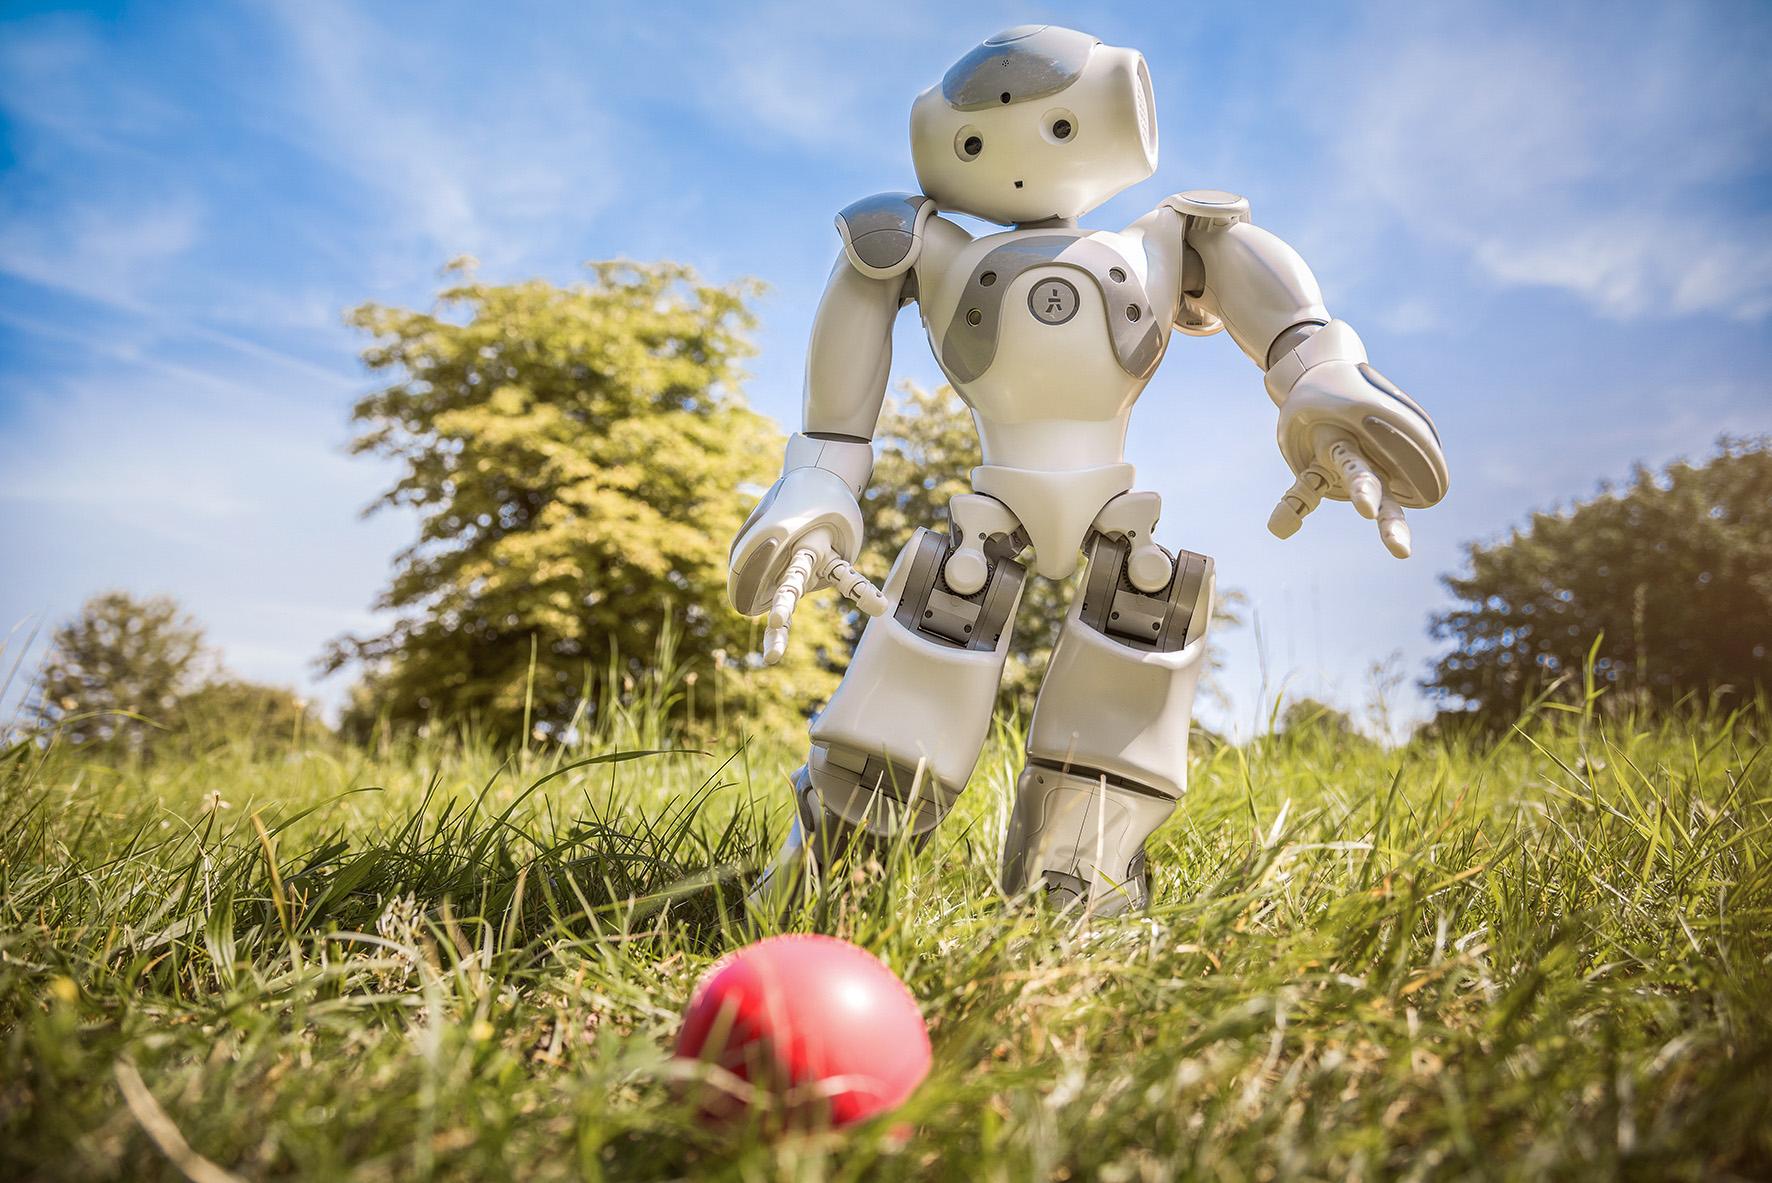 Bilddatei: Gehirn_Roboterfußball-kl(c)LWL,Steinweg.jpg